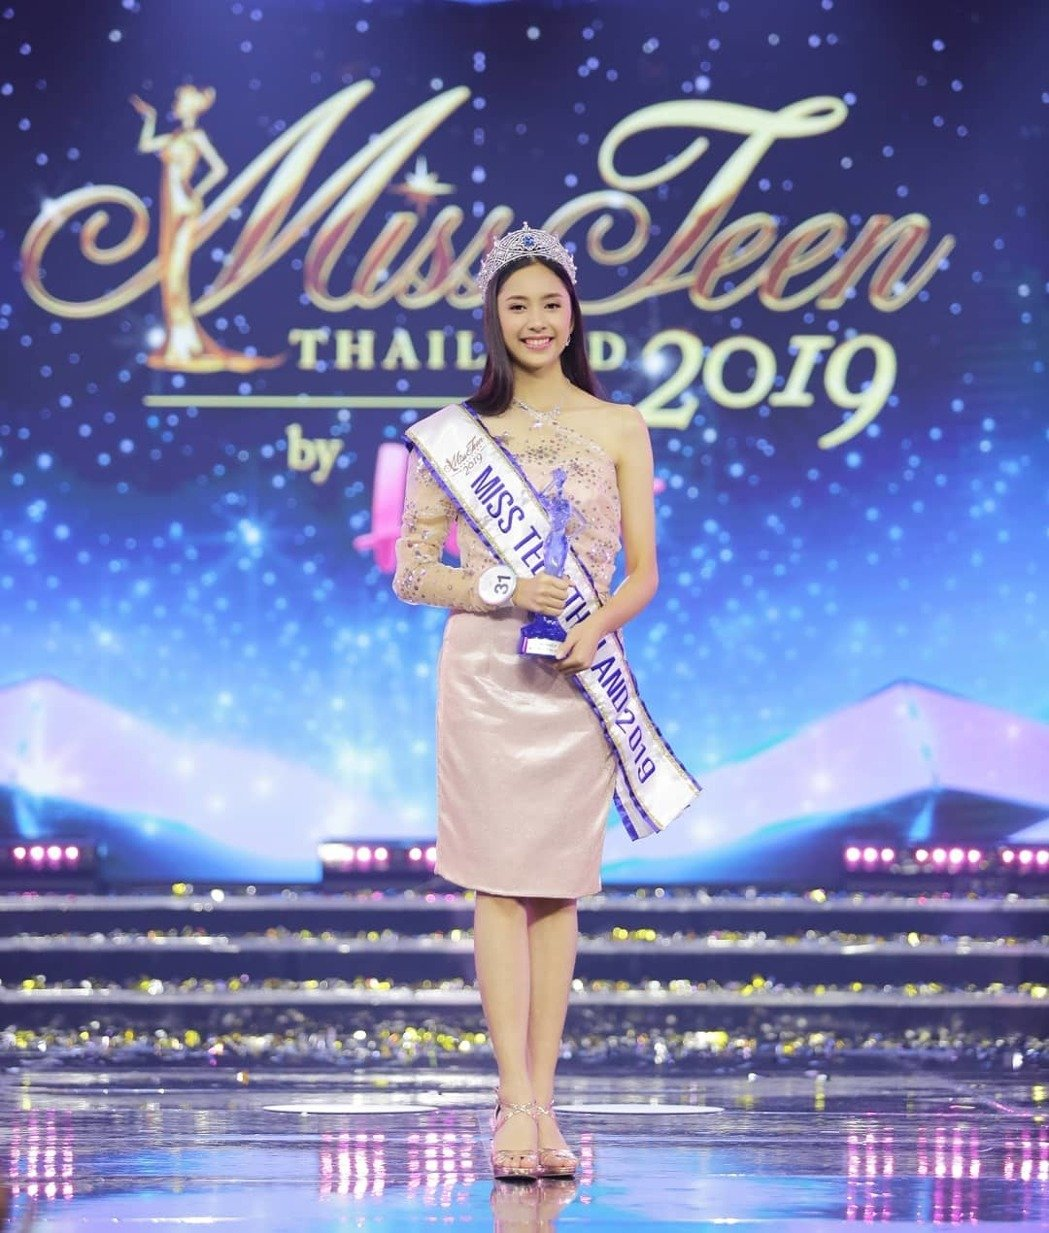 泰選美冠軍出爐「只有15歲」美貌超驚人 網起底「素顏制服照」狂讚:母胎美顏!